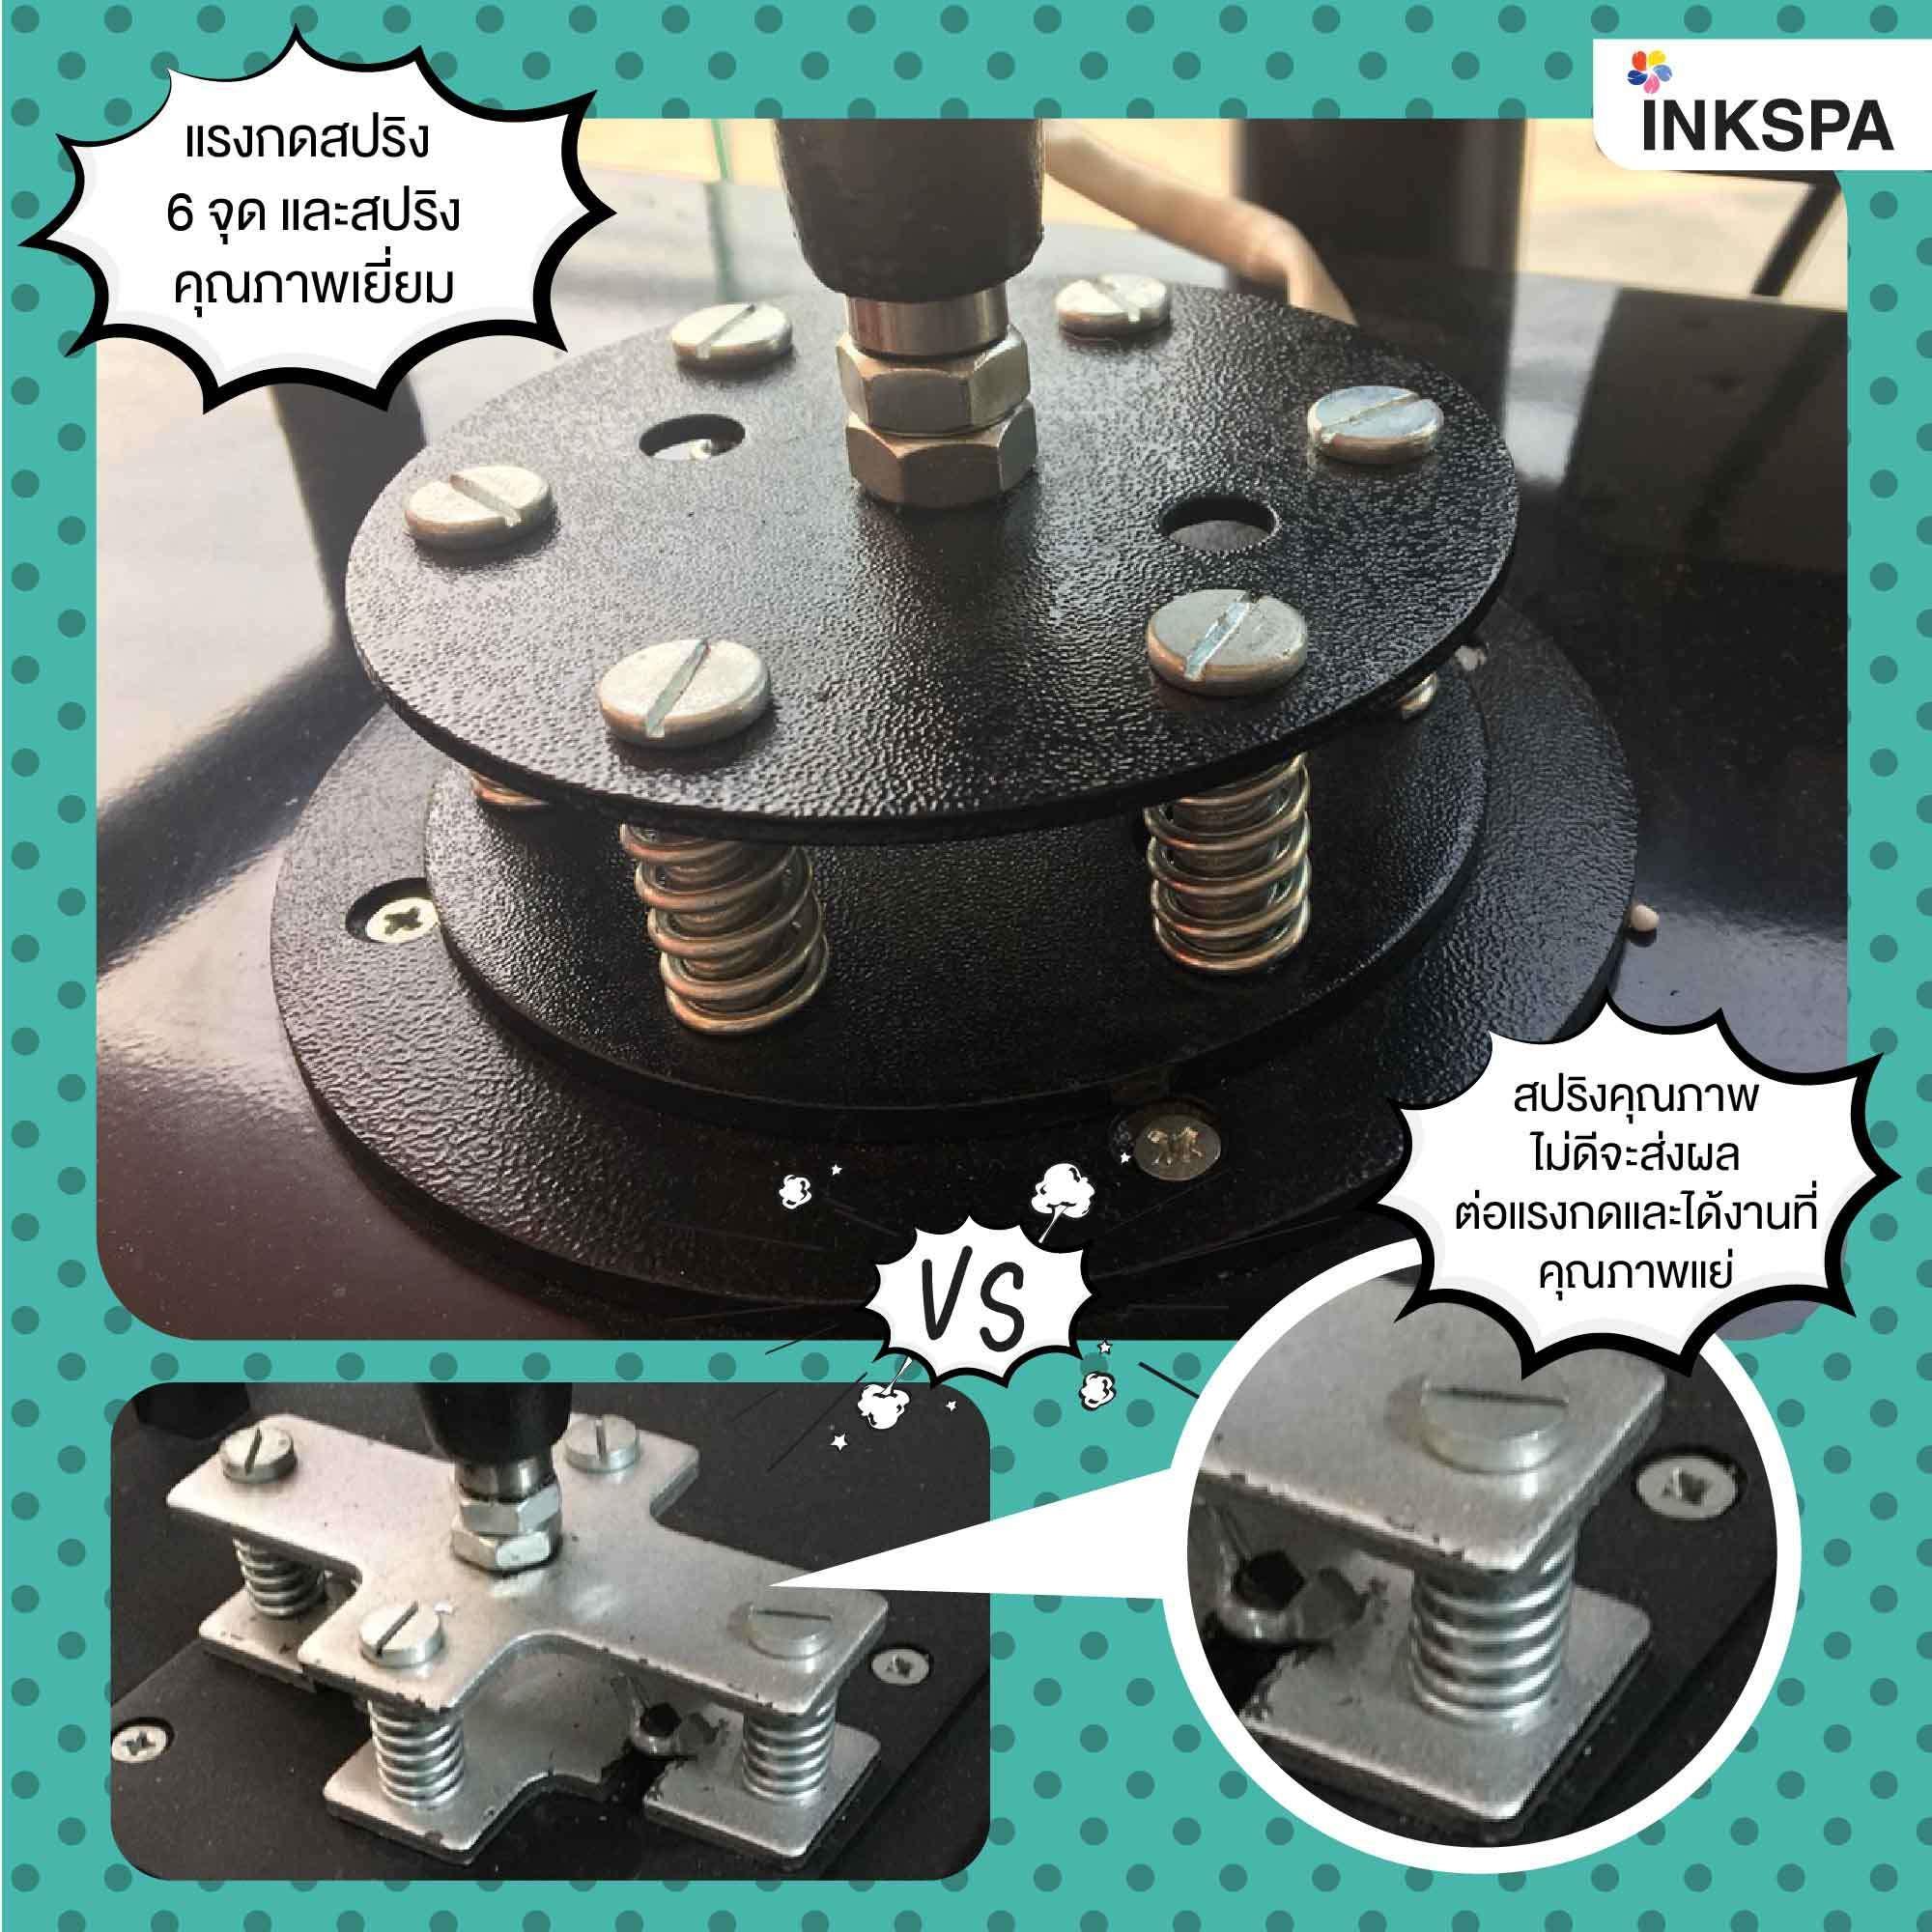 เครื่องรีด เครื่องสกรีน Heat transfer machineเครื่องสกรีนรีดร้อน Heat Press เครื่องสกรีน a3 เครื่องพิมพ์เสื้อ เครื่องสกรีนเสื้อ epson l1300 epson l1800 epson l805